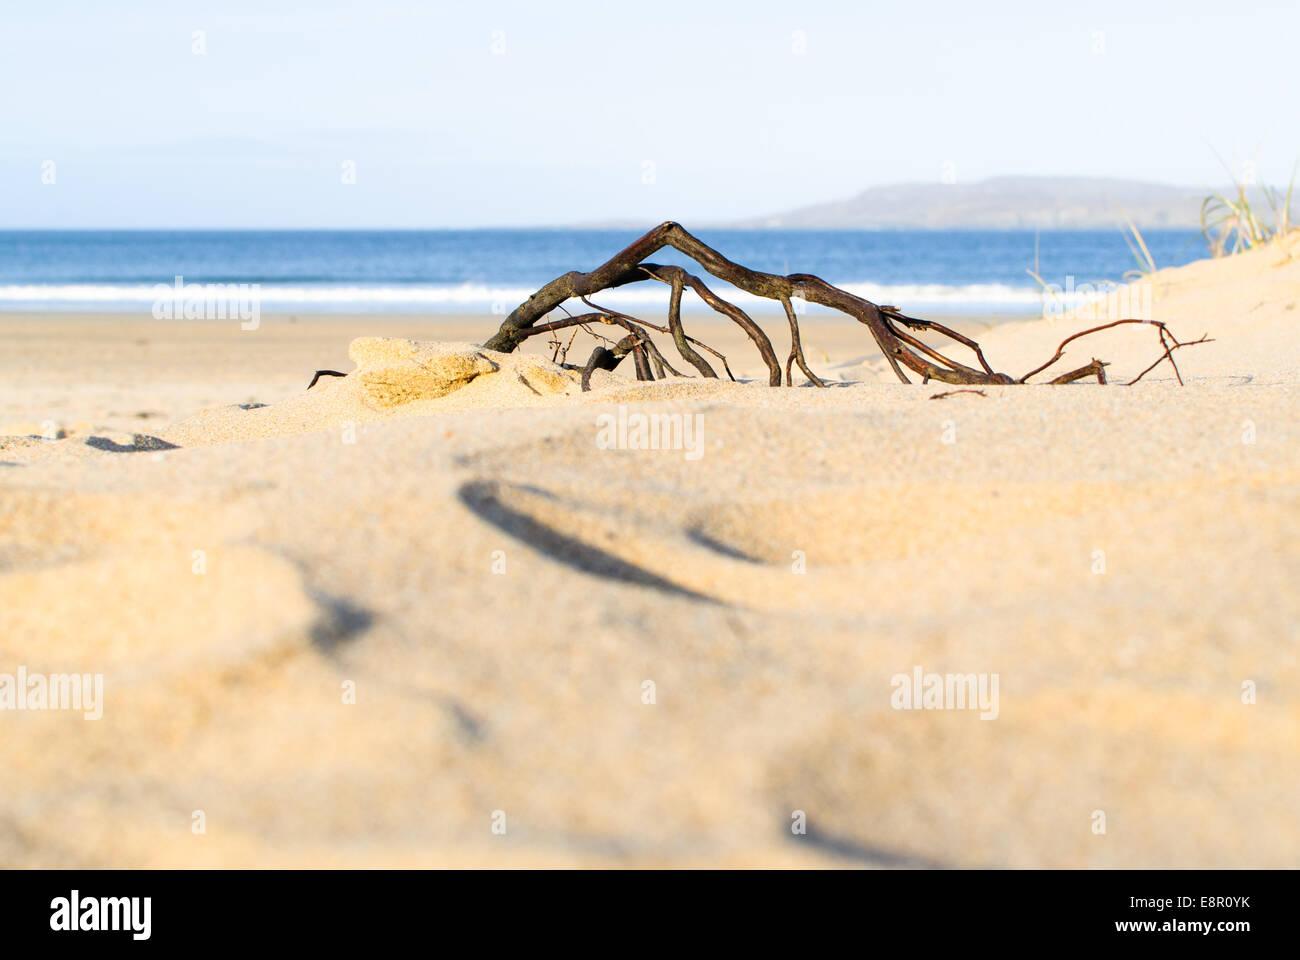 Morador en el umbral - Una raíz se aferra a Terra firma en el borde de las dunas en la playa, Dunfanaghy Killahoey, Imagen De Stock